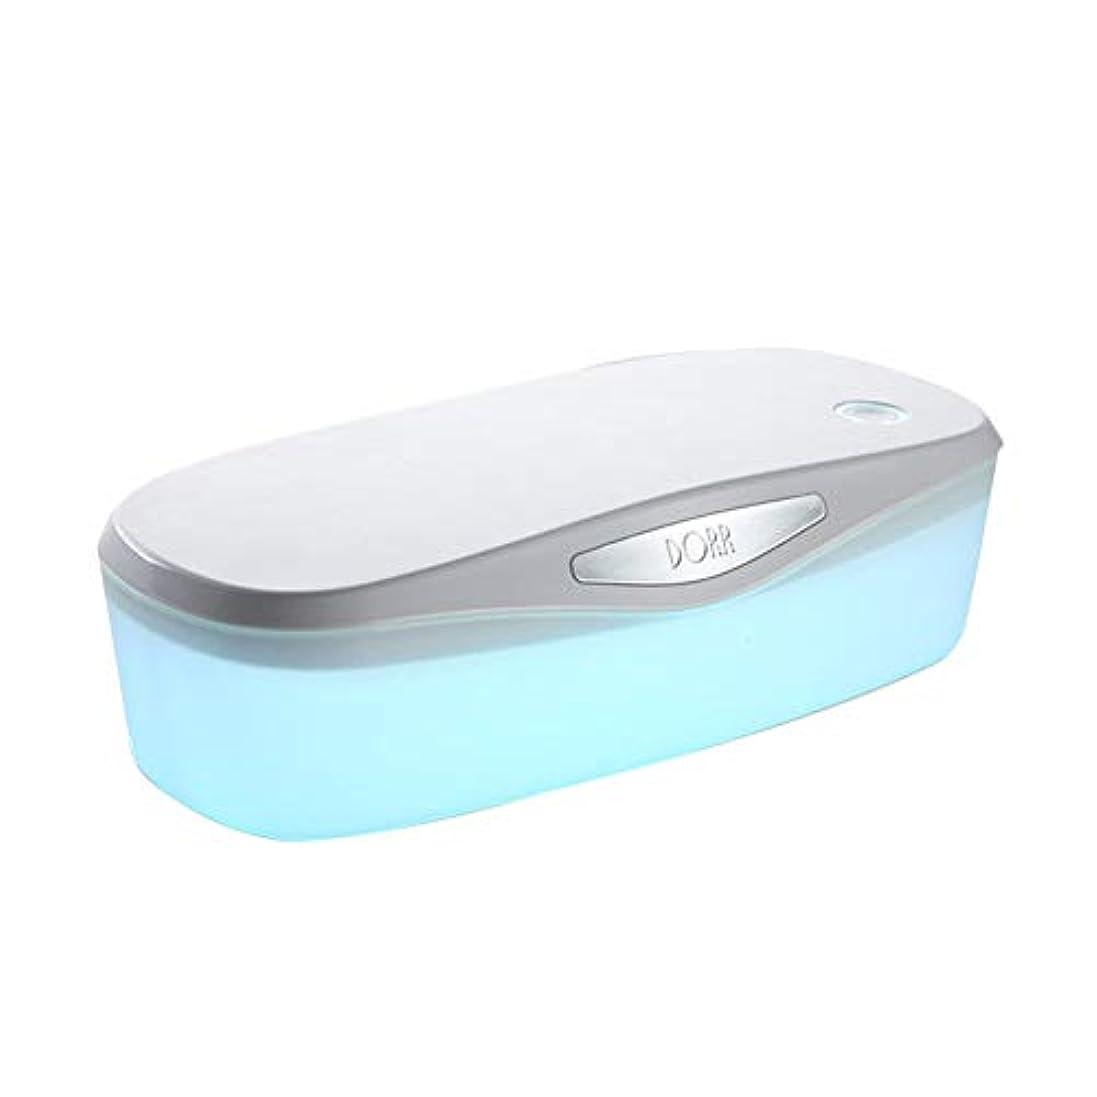 アクセサリー多様性フラフープ紫外線殺菌箱、携帯用USBの抗菌性のオゾン殺菌の殺菌ランプが付いている紫外線殺菌装置、おしゃぶりのための美用具の滅菌装置成人用製品大広間用具食器類化粧筆歯ブラシ